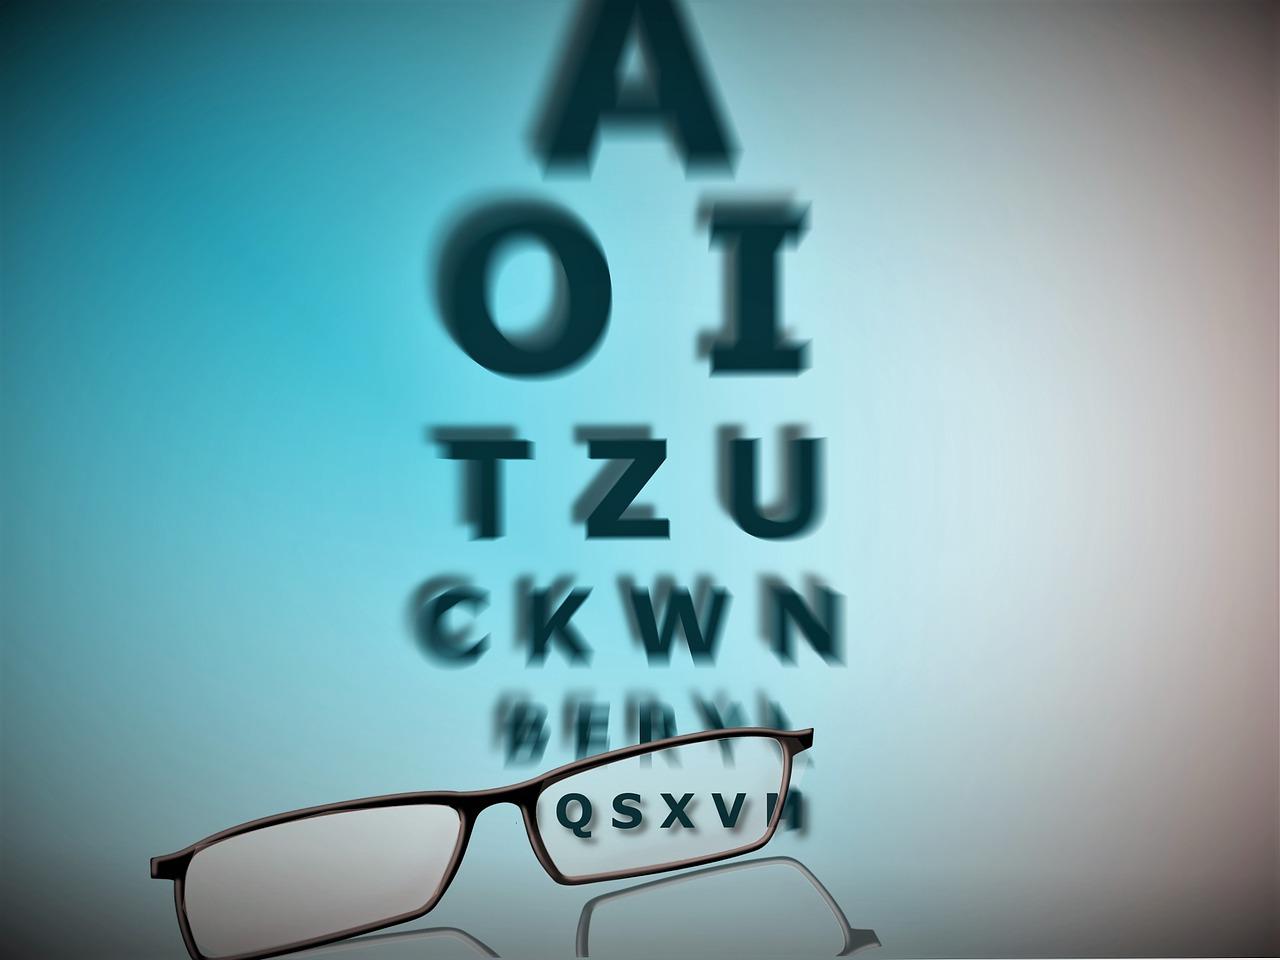 Totul despre hipermetropie, a doua cea mai frecventă afecțiune oculară